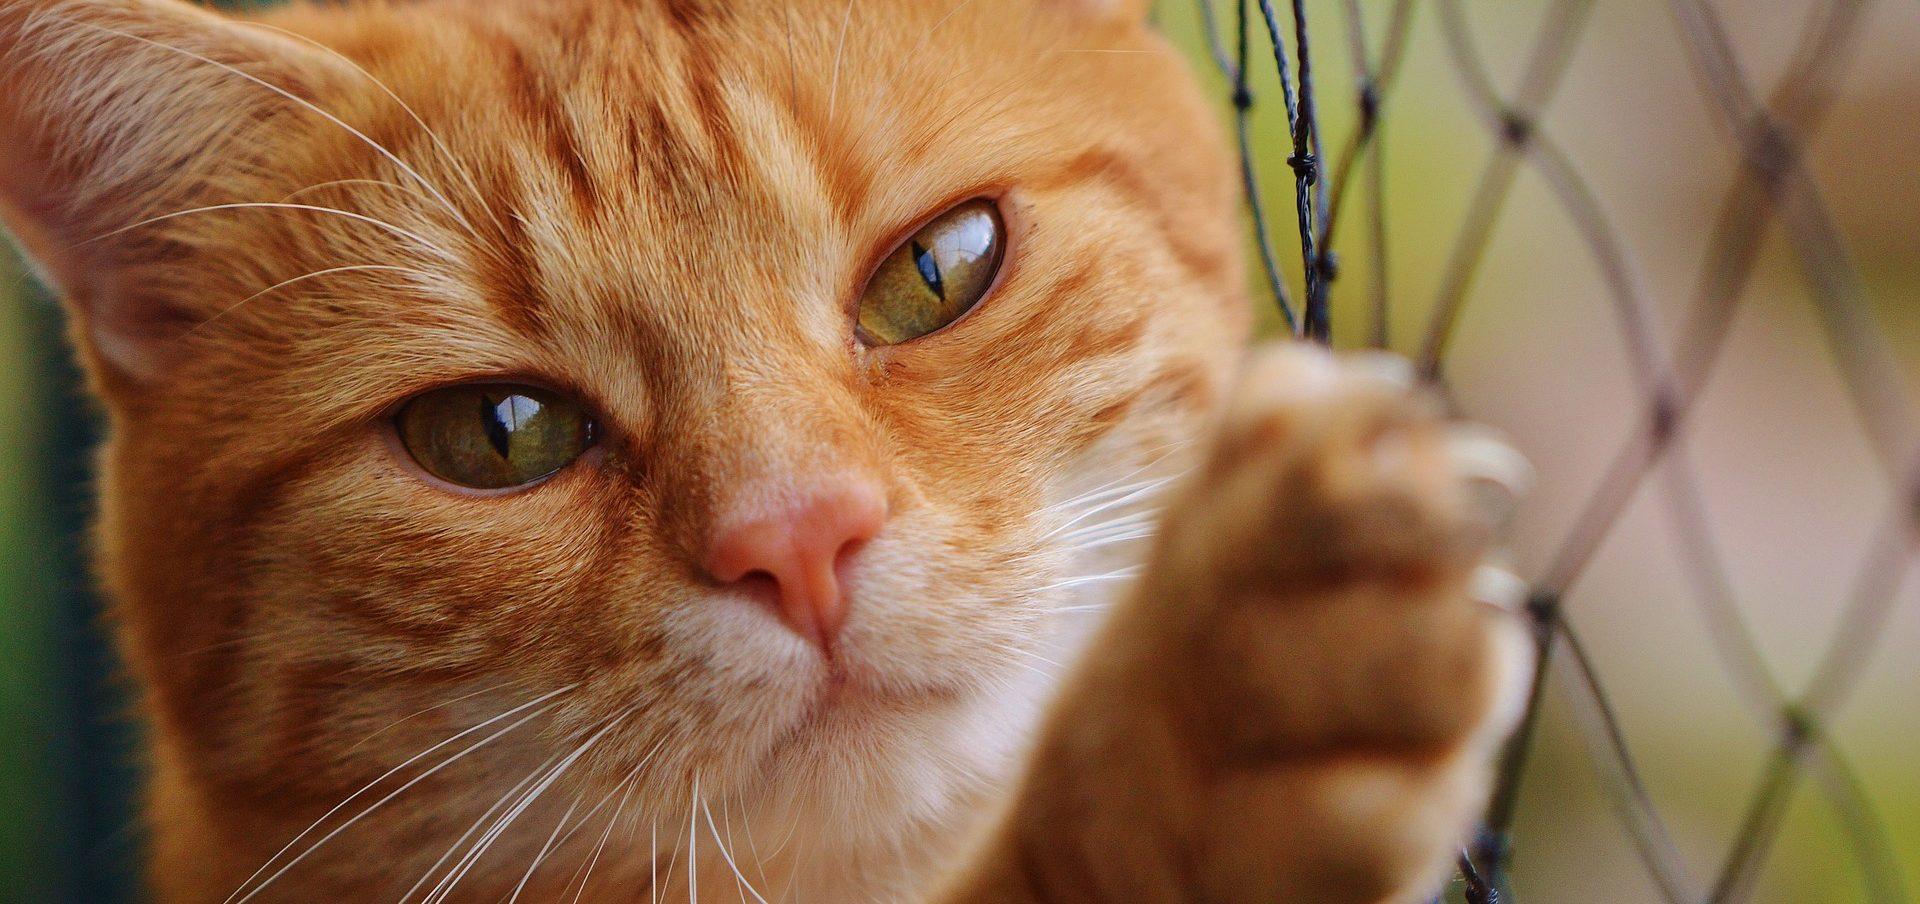 Yeux des chats signification galerie tatouage - Symbolique du chat ...